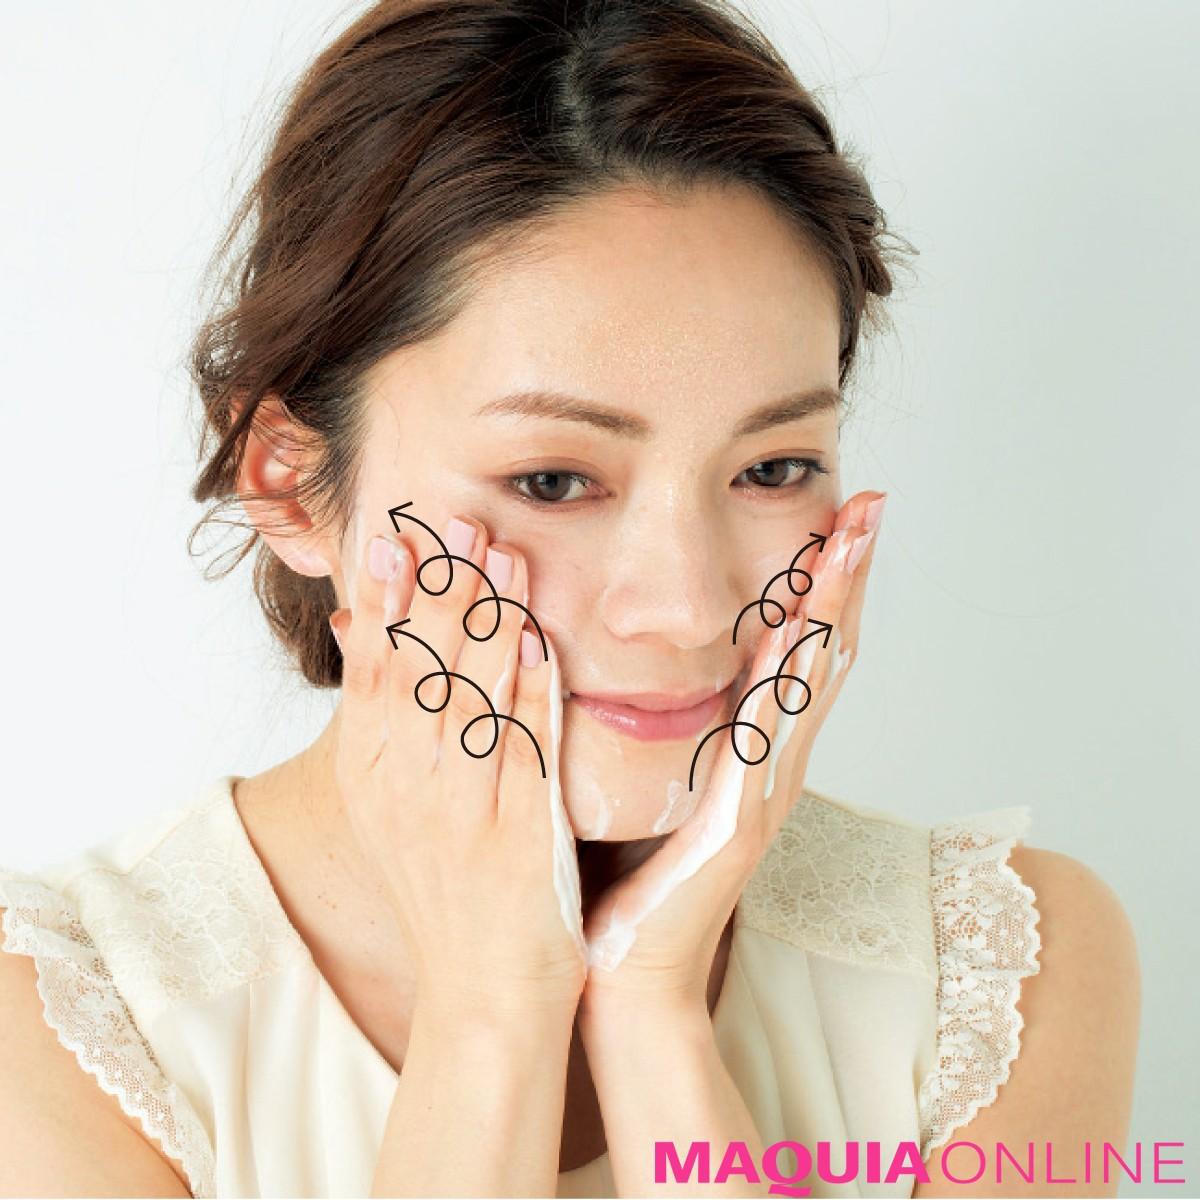 毛穴レス肌を育む、スペシャル洗顔テクをレクチャー!